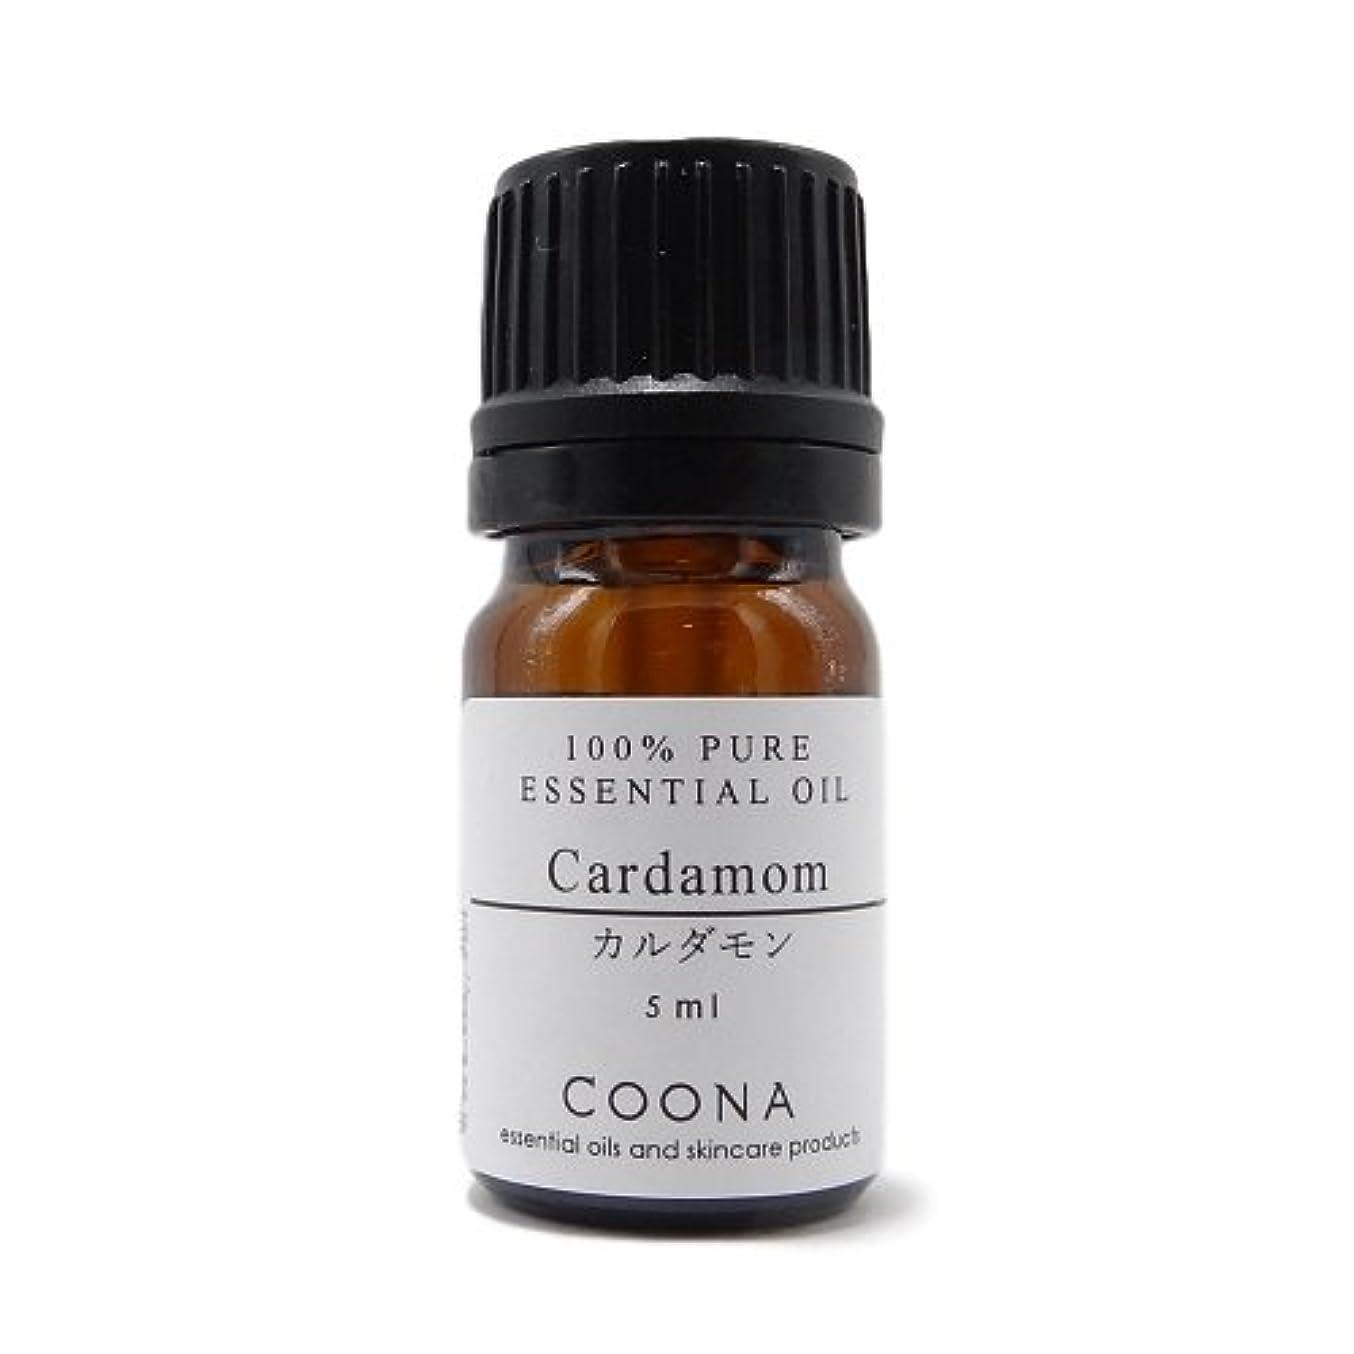 毛細血管丁寧固有のカルダモン 5 ml (COONA エッセンシャルオイル アロマオイル 100%天然植物精油)